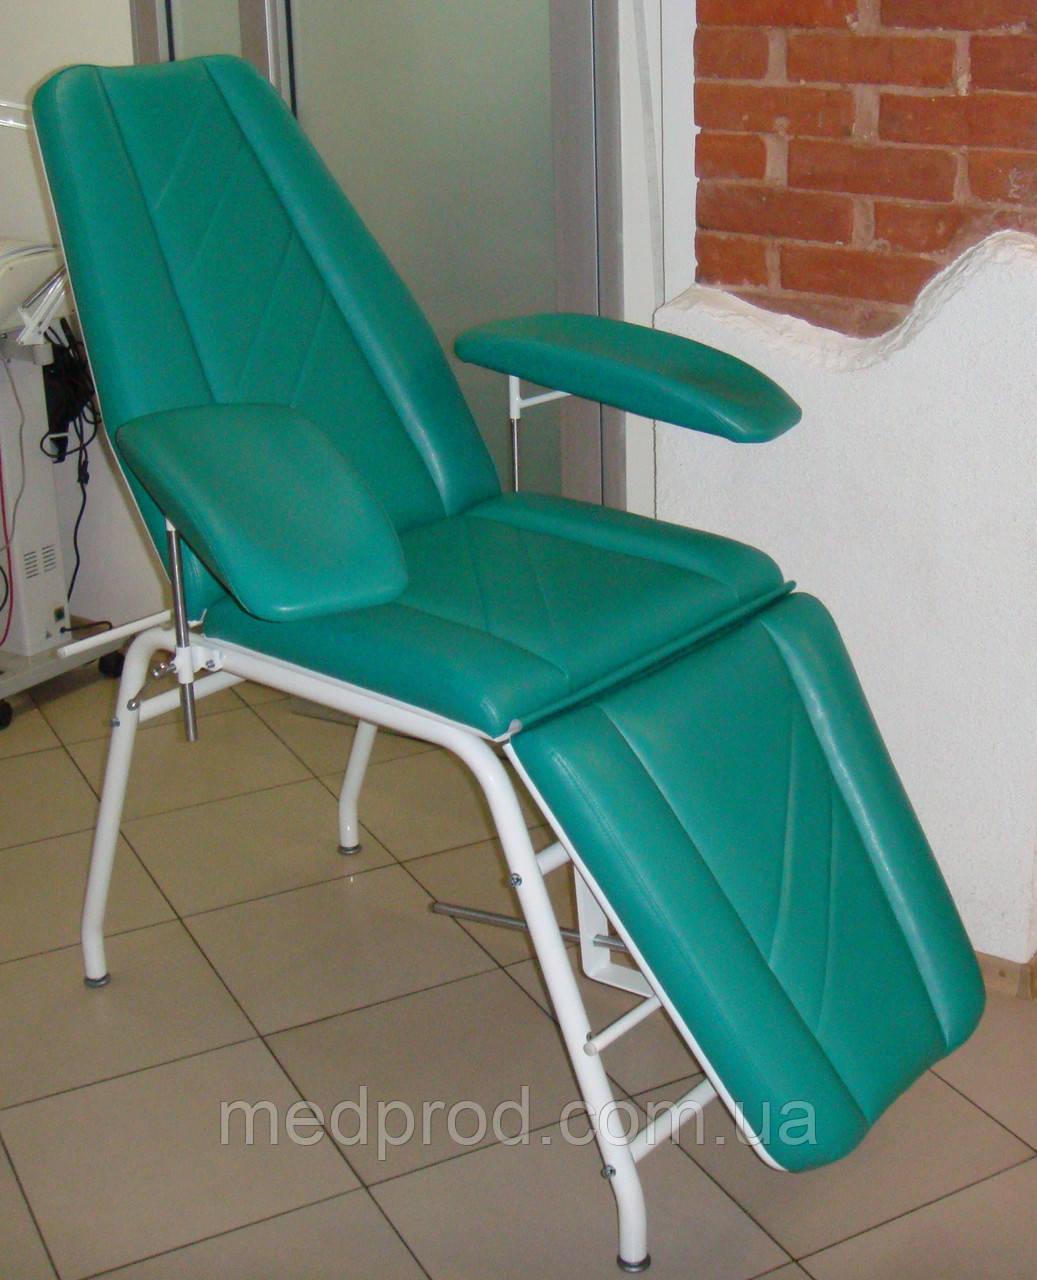 Кресло донора КД-1 для кабинета переливания / взятия крови